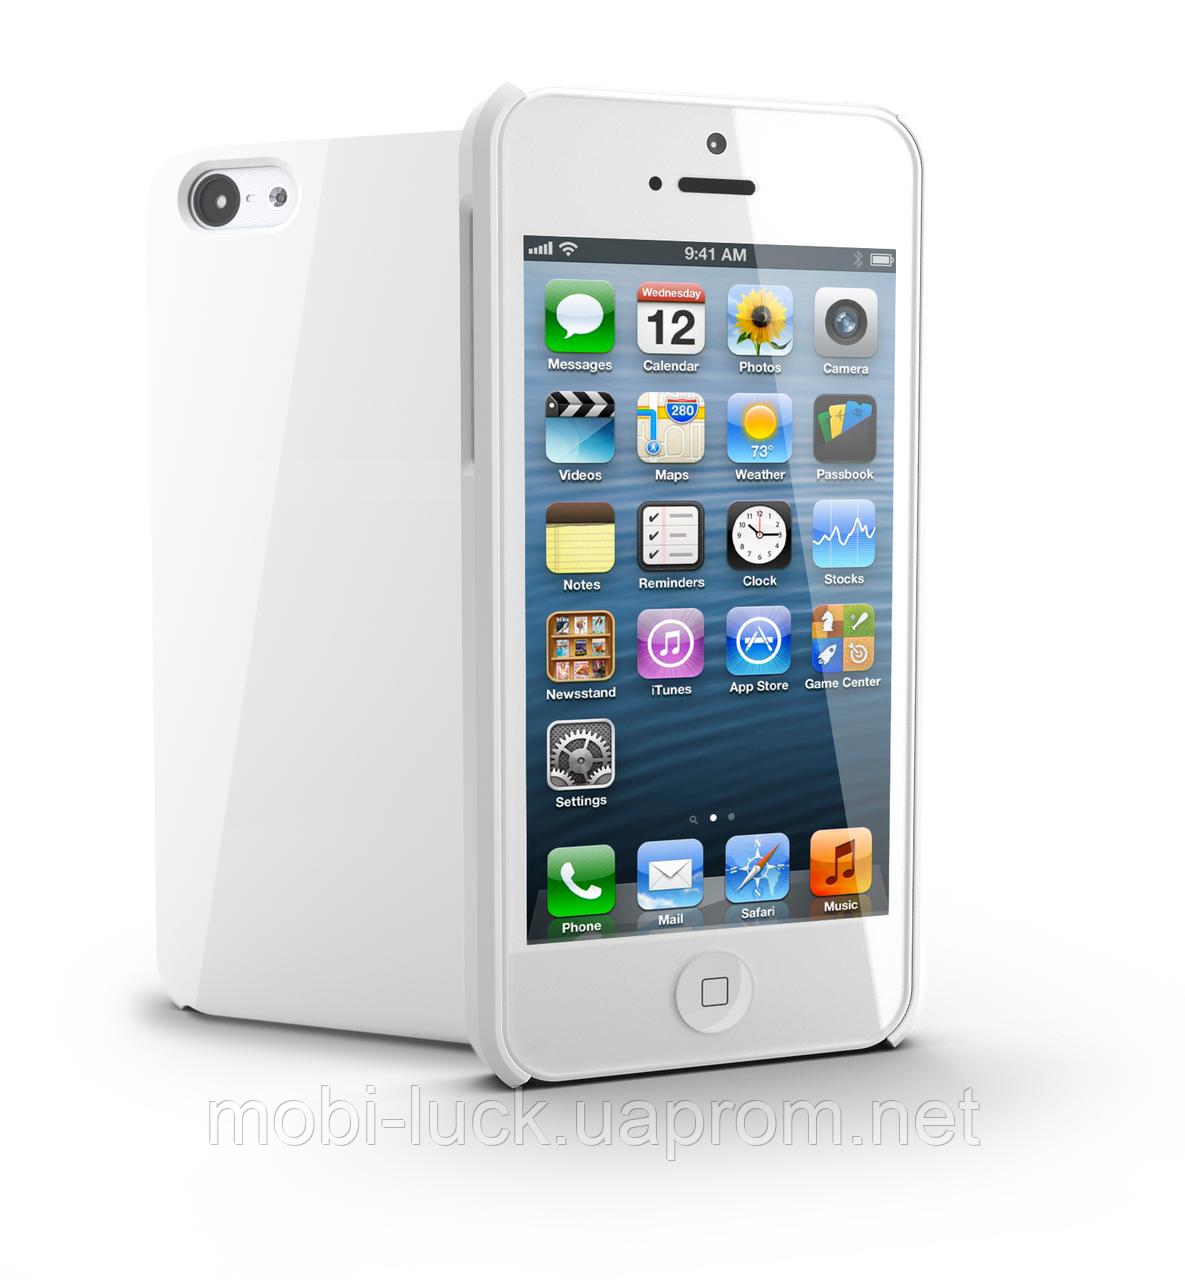 Айфон 5 4 гб купить айфон купить ростов